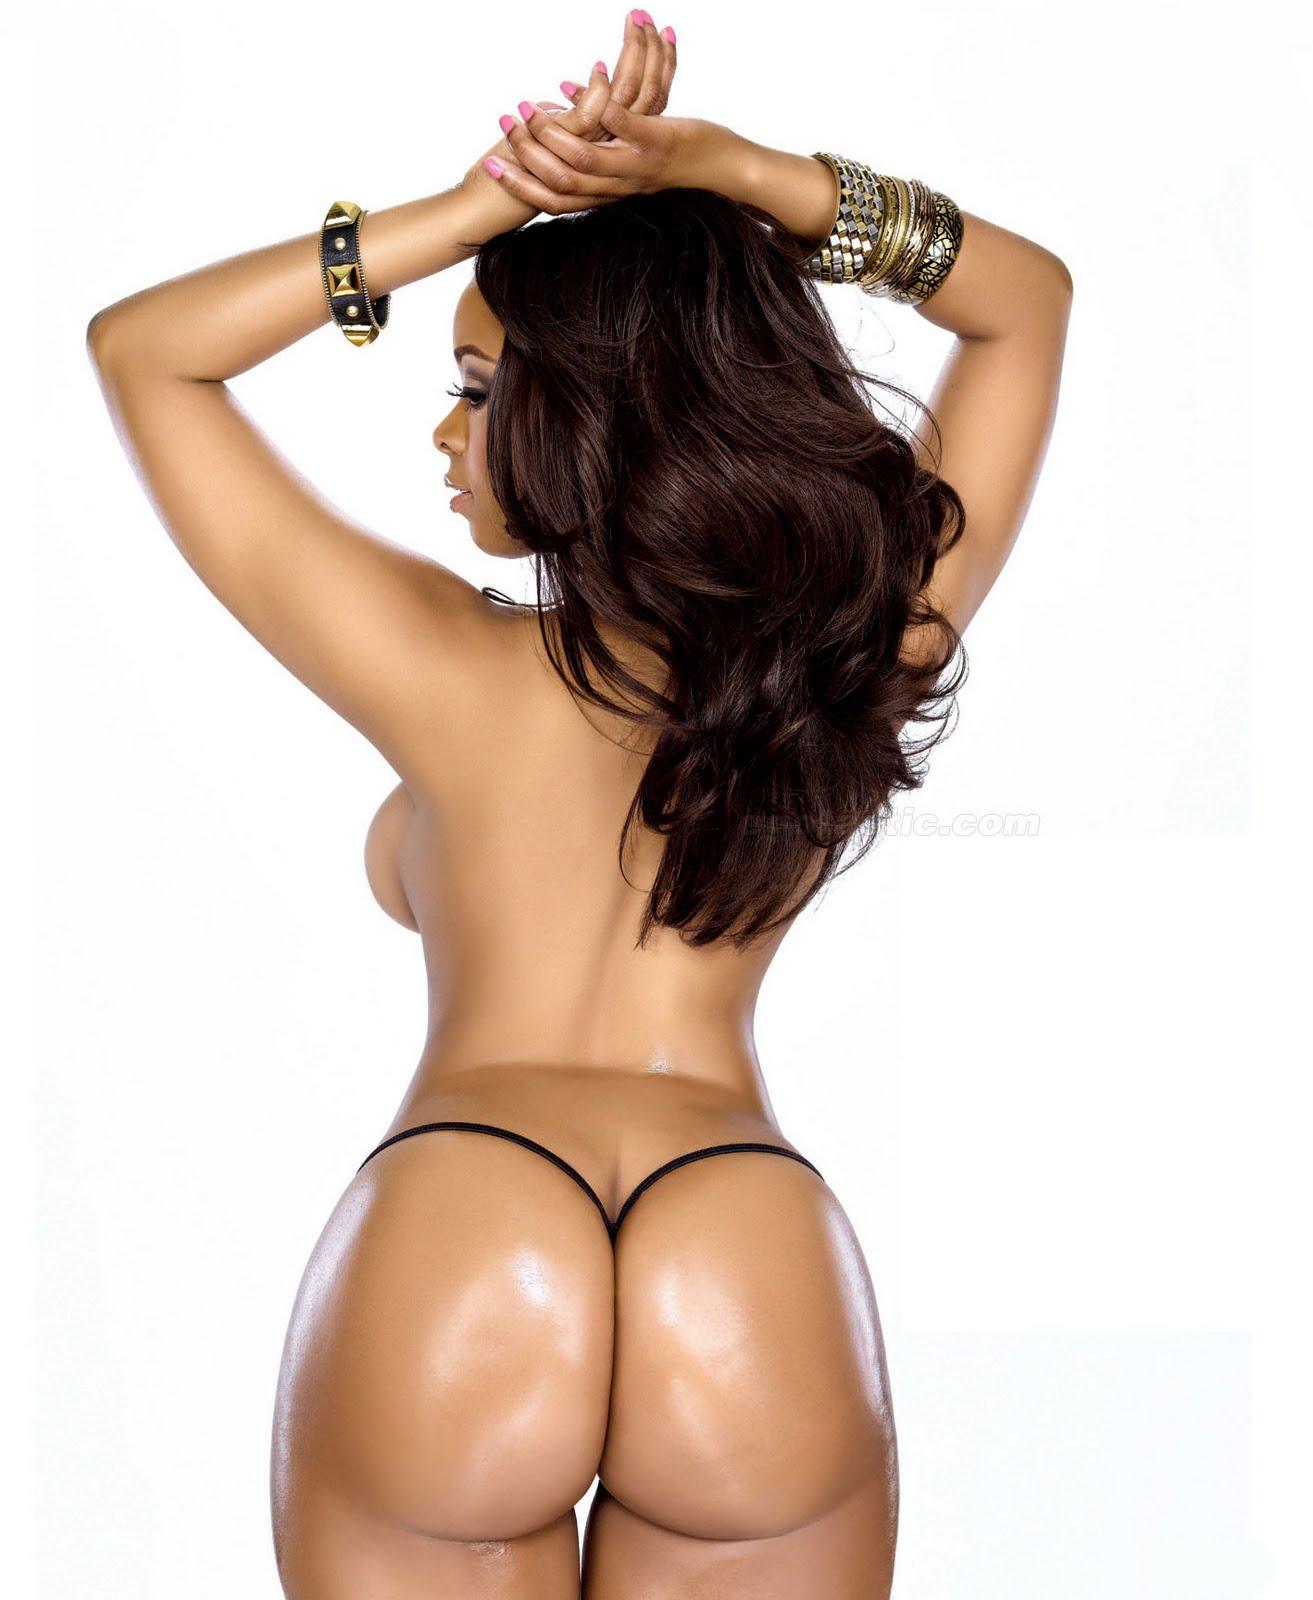 http://4.bp.blogspot.com/-daEOBhAh-Lk/Ta4nYub4V-I/AAAAAAAAAfw/6DwpSe96YSY/s1600/temeca-freeman-black-lingerie-04.jpg